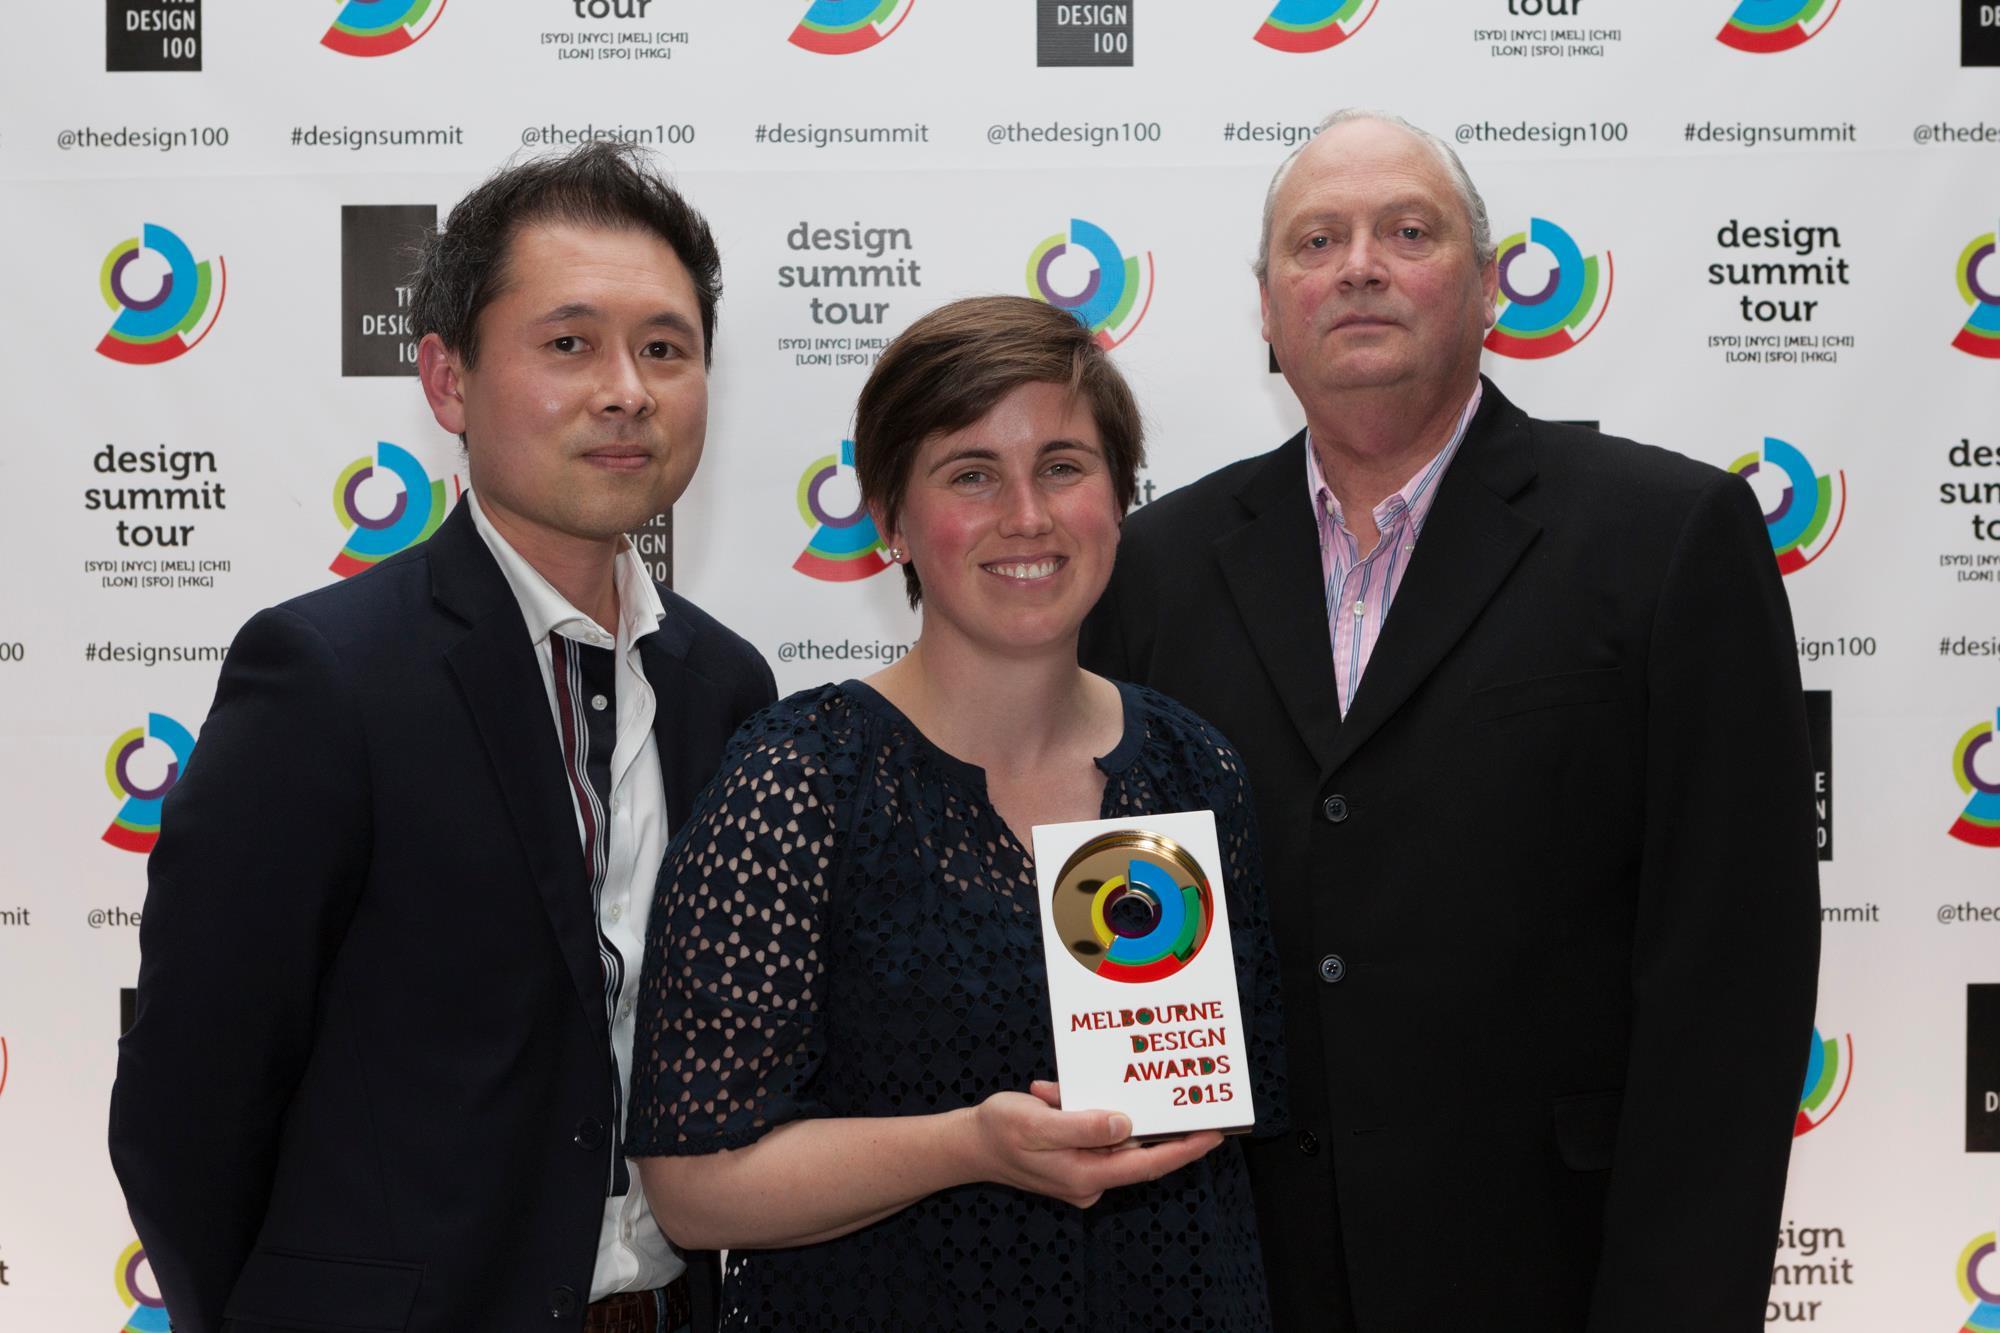 GOLD WINNER 2015 MELBOURNE DESIGN AWARDS AT RMIT DESIGN HUB MELBOURNE AUSTRALIA